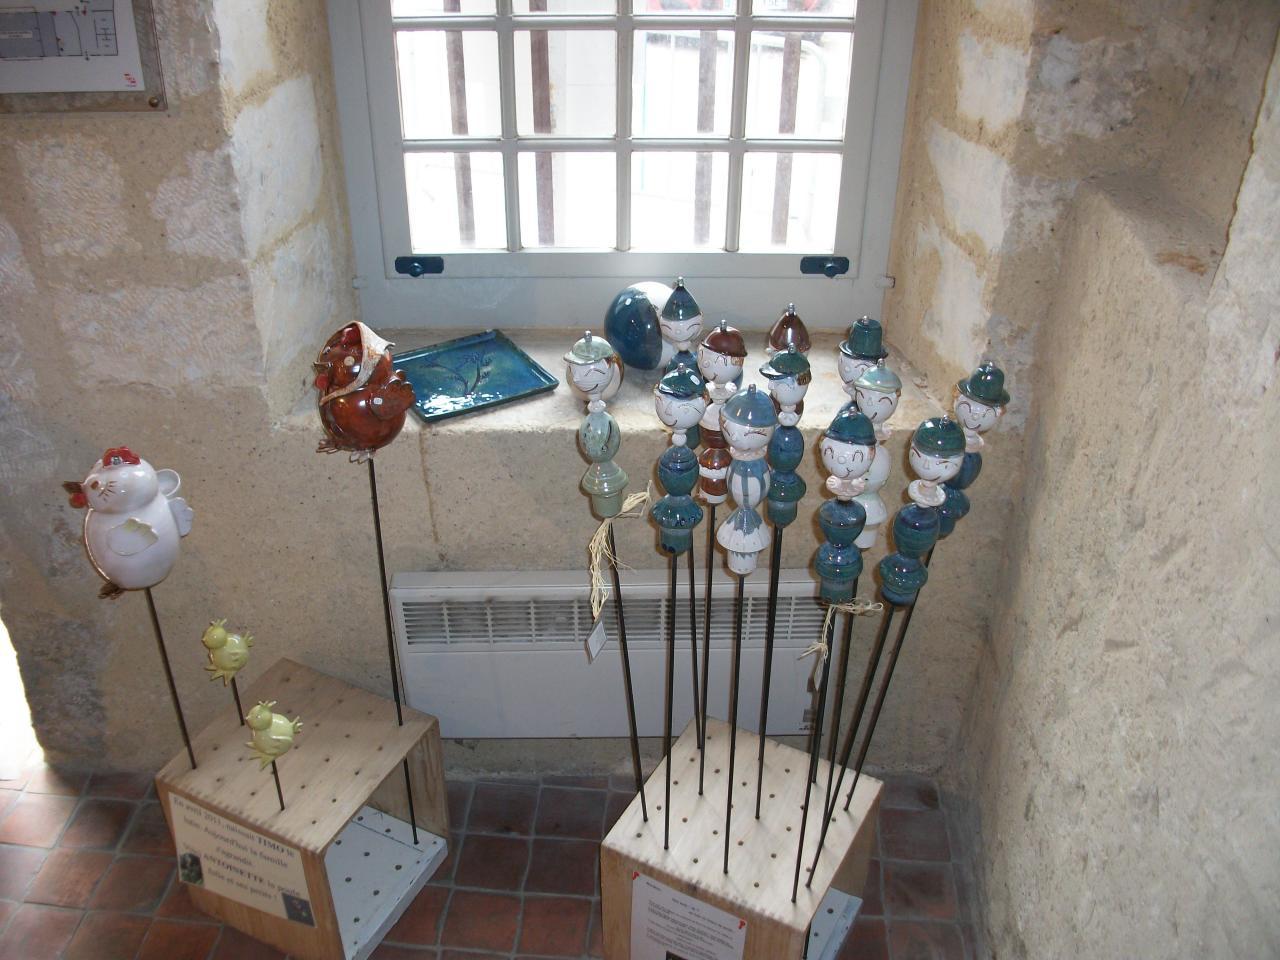 D coration jardin lutin - Poterie decorative pour jardin ...